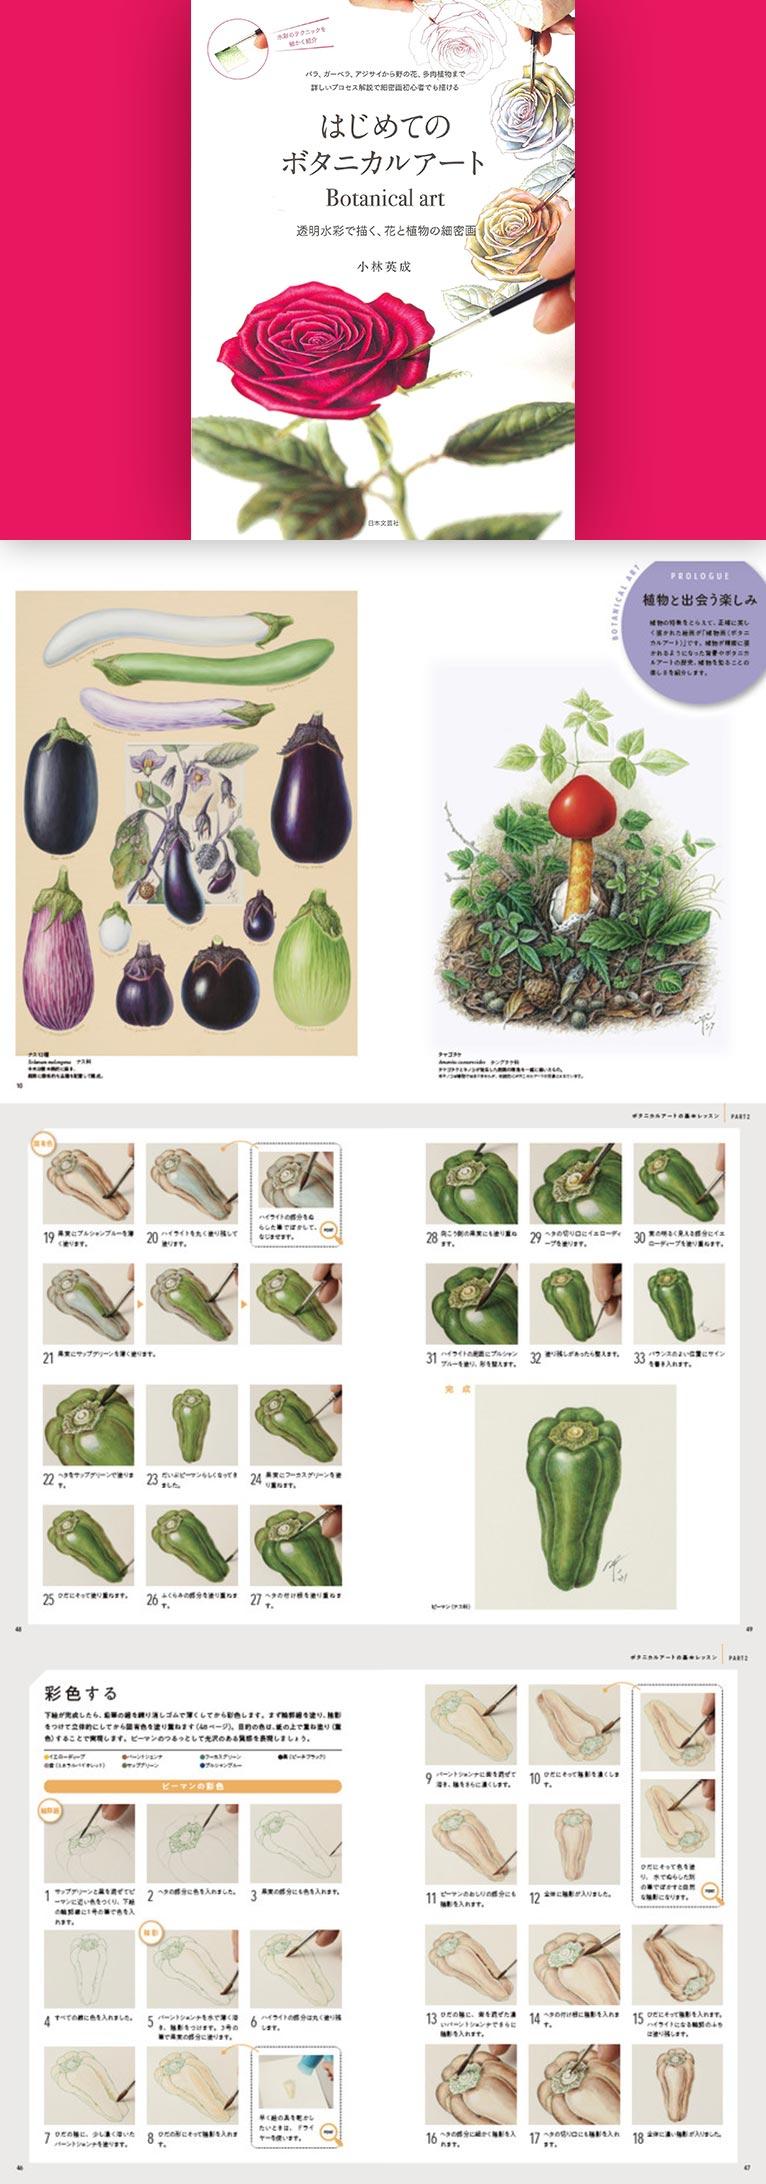 【予約受付中!2021年9月17日発売】透明水彩で描く、花と植物の細密画『はじめてのボタニカルアート』 JGNメンバー・植物画家 小林 英成著